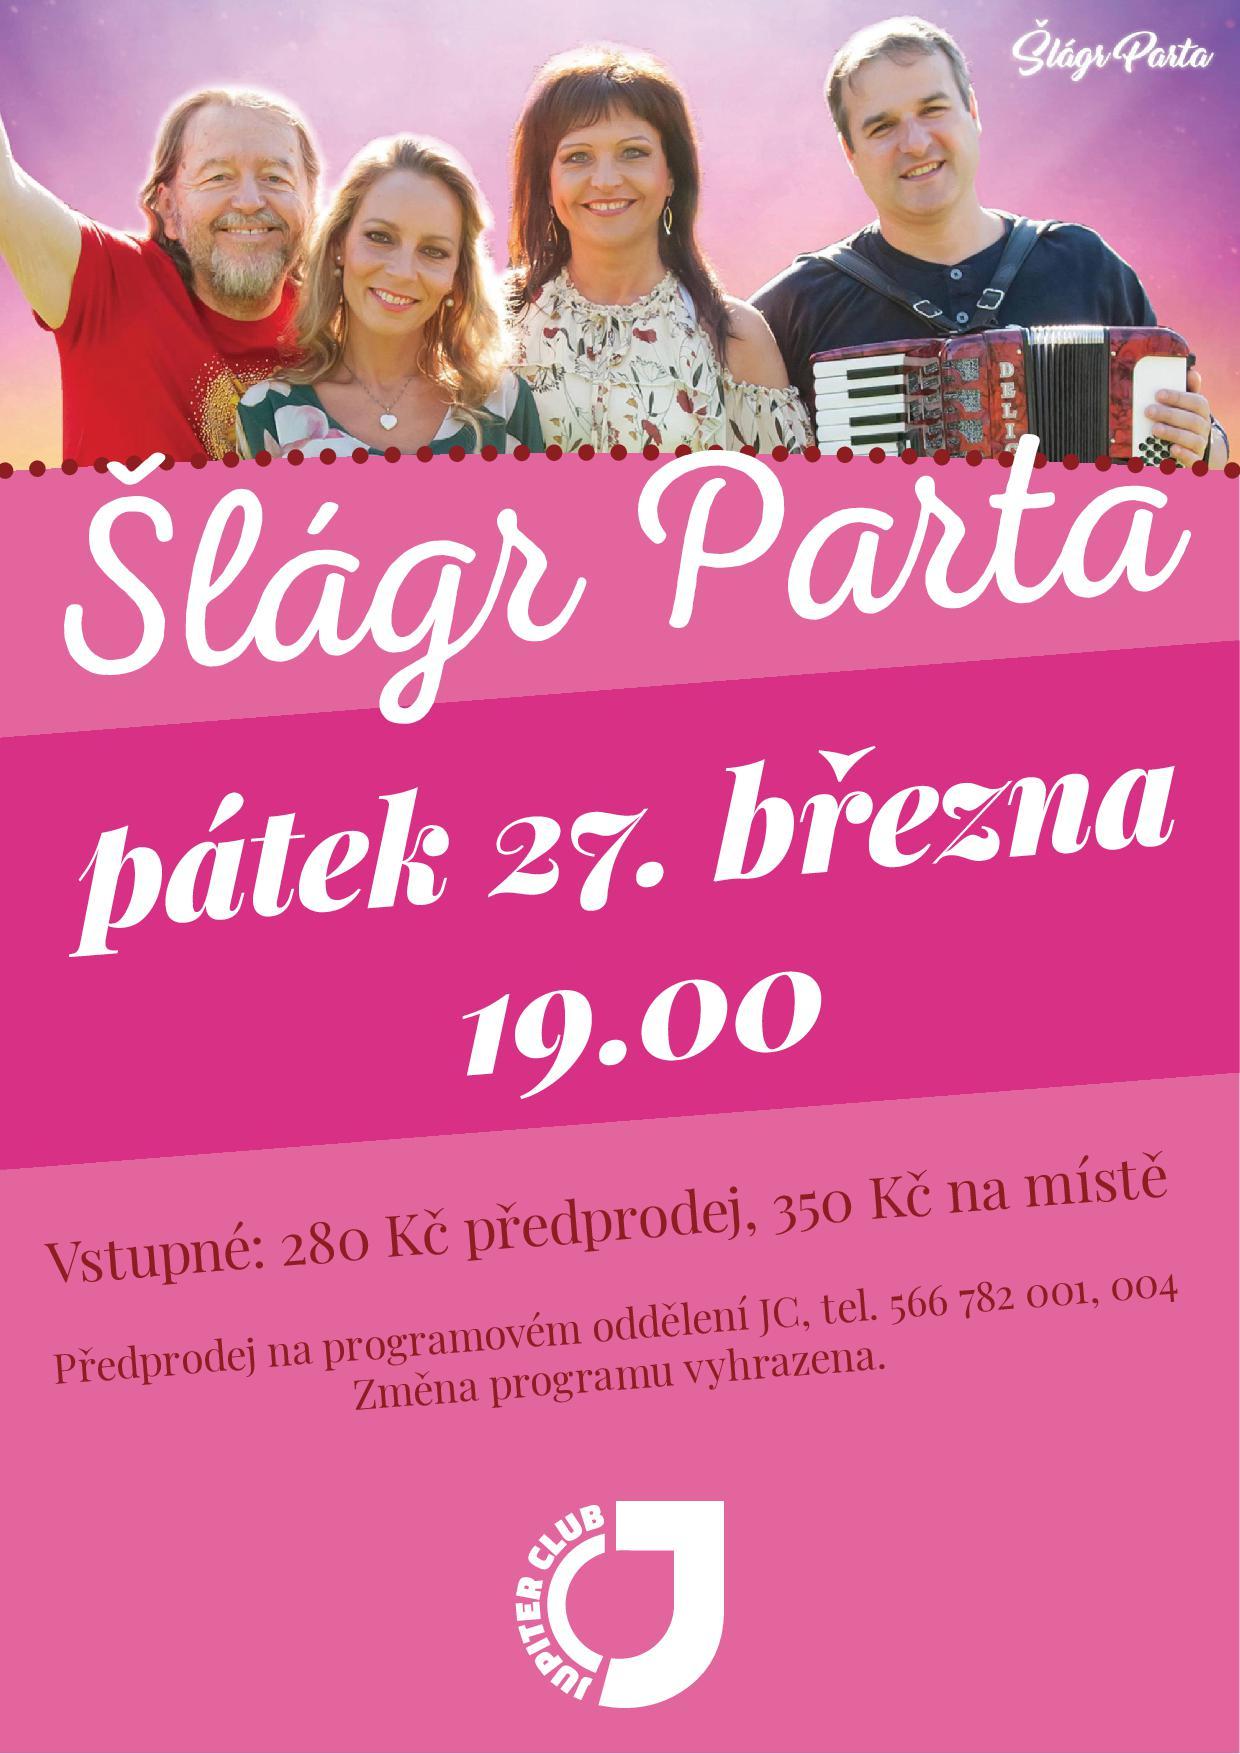 A3 poster šlágr